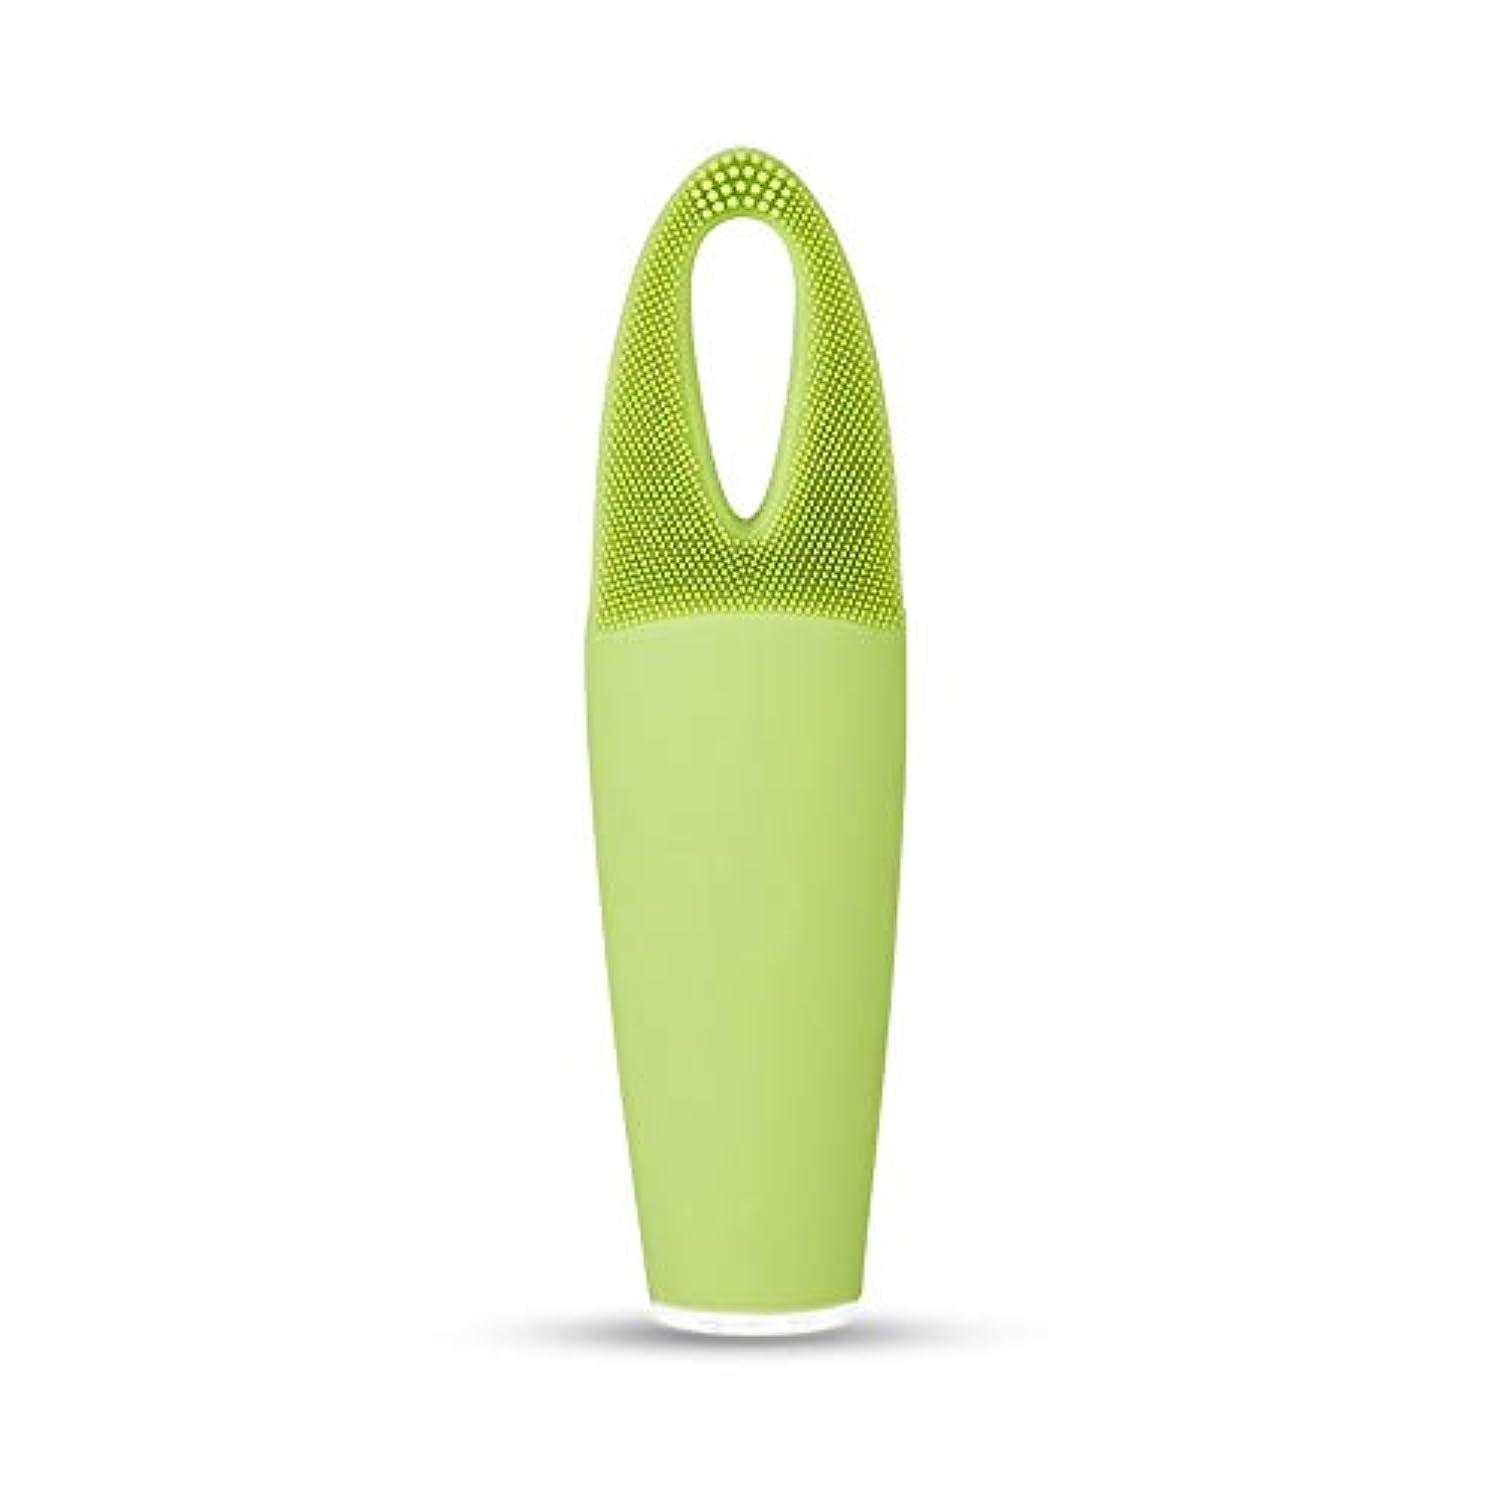 再生可能マージ散文ZXF 電気防水両面クレンジングブラシ超音波振動シリコーンクレンジング楽器敏感な筋肉洗浄器具美容器具マッサージ器具 滑らかである